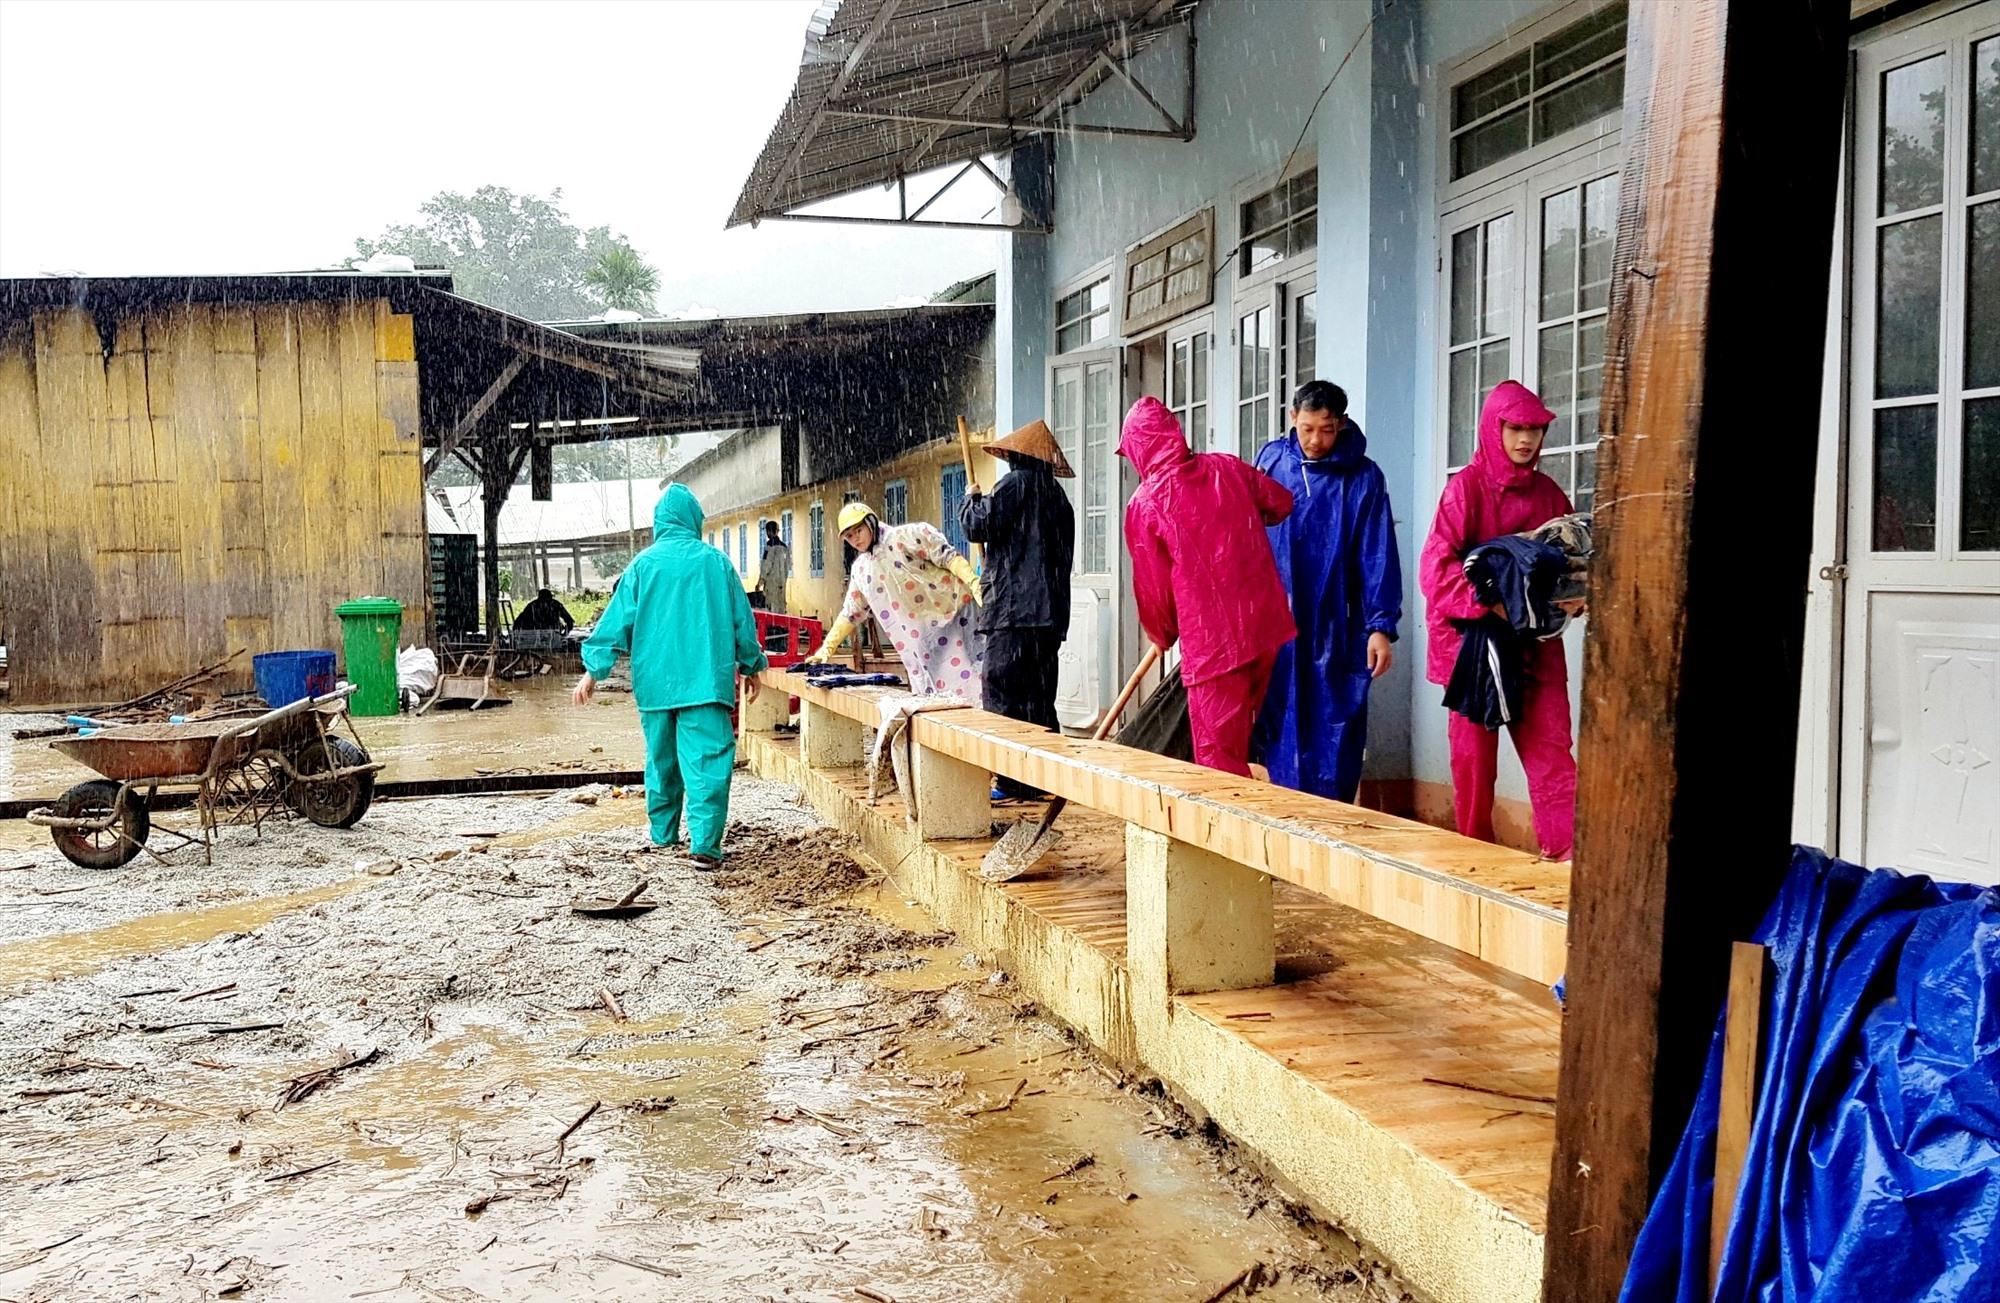 Các thầy cô dầm mưa cùng tổng dọn vệ sinh trường lớp sau mưa lũ. Ảnh: PHI YẾN